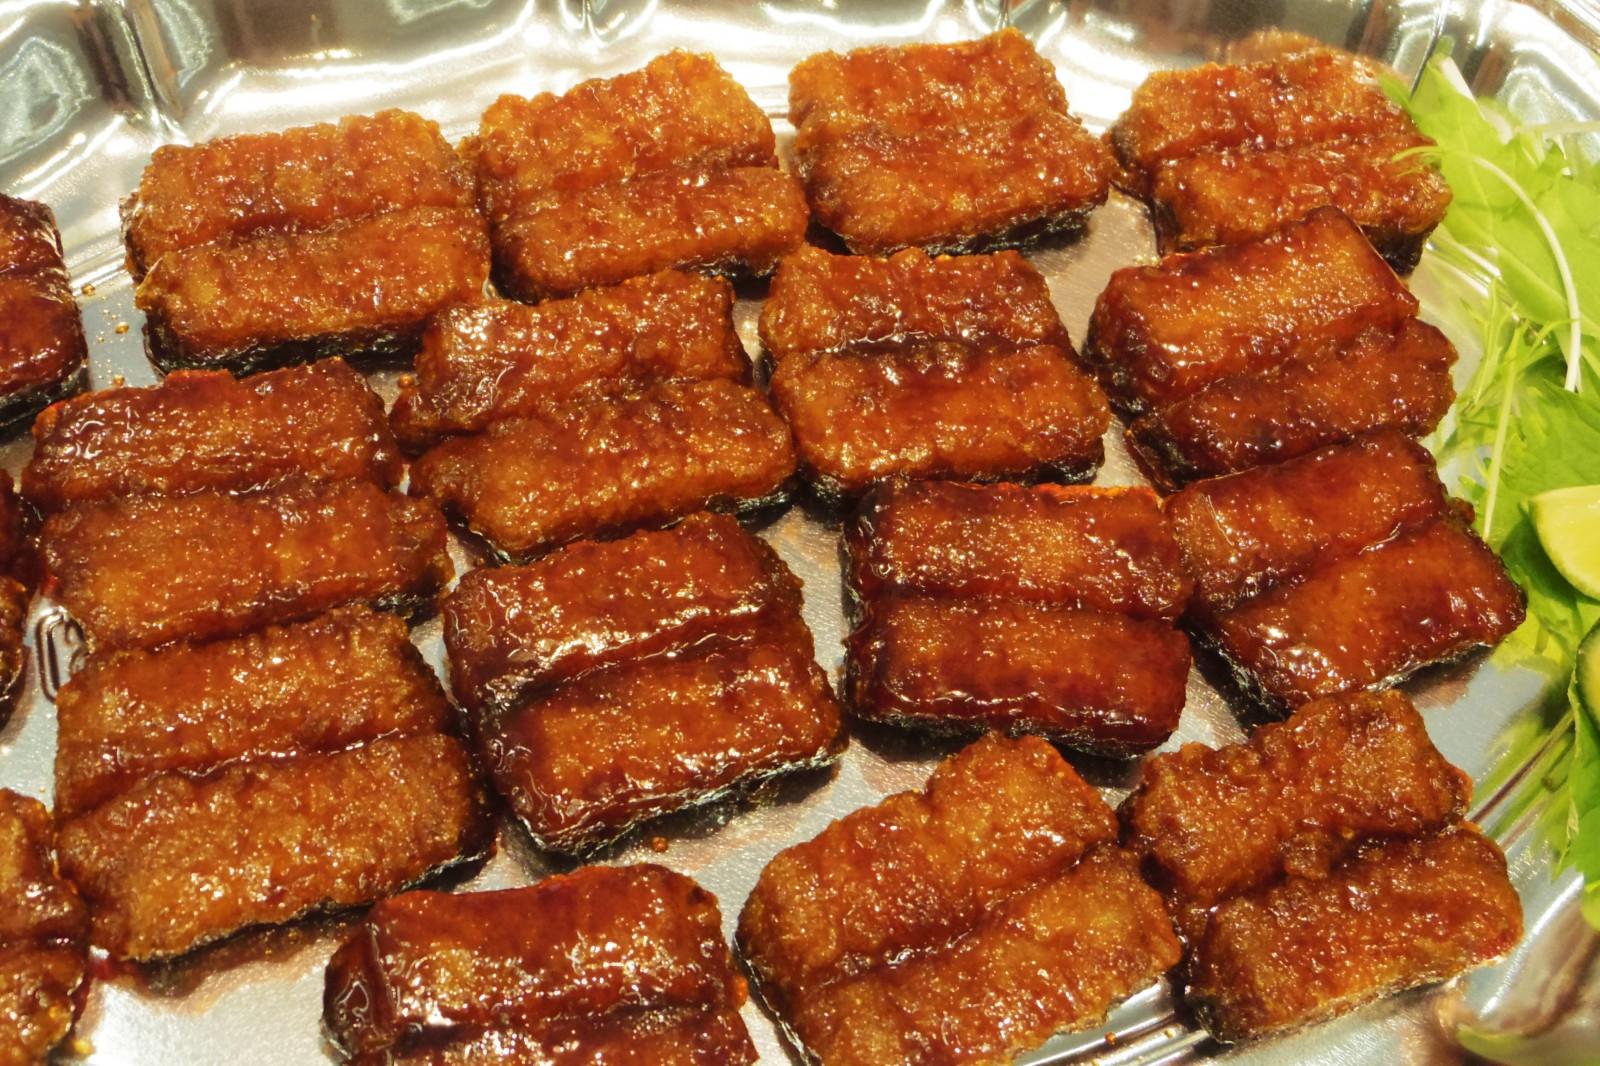 バカウケの蒲焼風、本物のニセモノ??でも美味しい「うなぎみたいな白身魚天ぷら蒲焼だれ」(マルハニチロ)